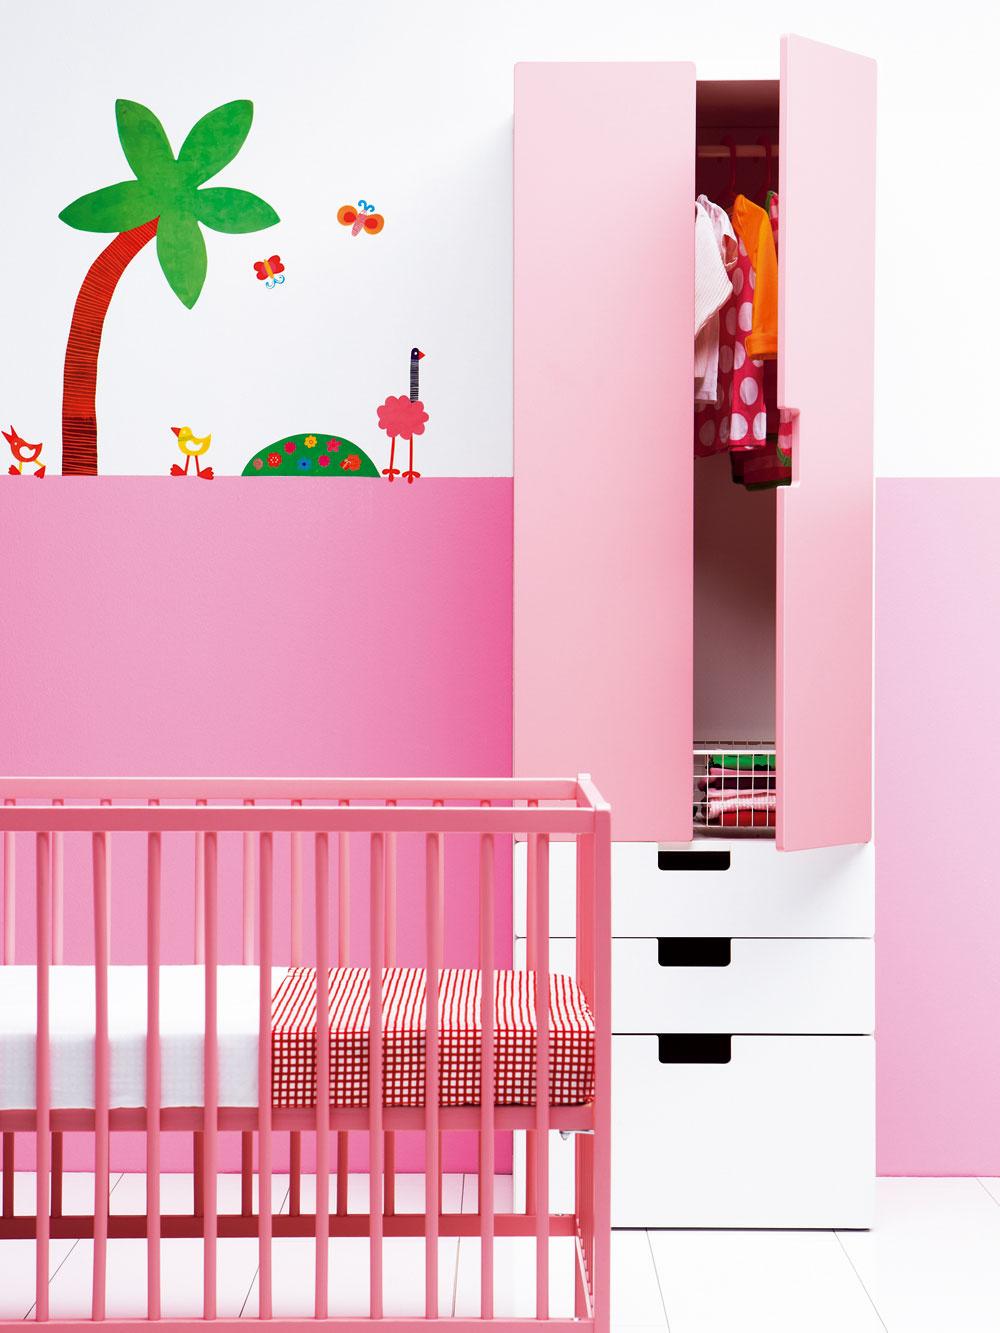 Skriňa Stuva sdverami atroma zásuvkami. Dvierka, zásuvky askrinky sú ochranné aj dekoračné, na výber je viac farieb. Rozmery: š 60 × h 50 × v192cm. Cena 126,90 €. Detská postieľka Somnat zmasívneho buka, akrylová farba. Spodný diel postele môžete umiestniť do dvoch rôznych výšok. Rozmery: d 124 × š 66 × v80cm. Cena44,99 €. Predáva IKEA.